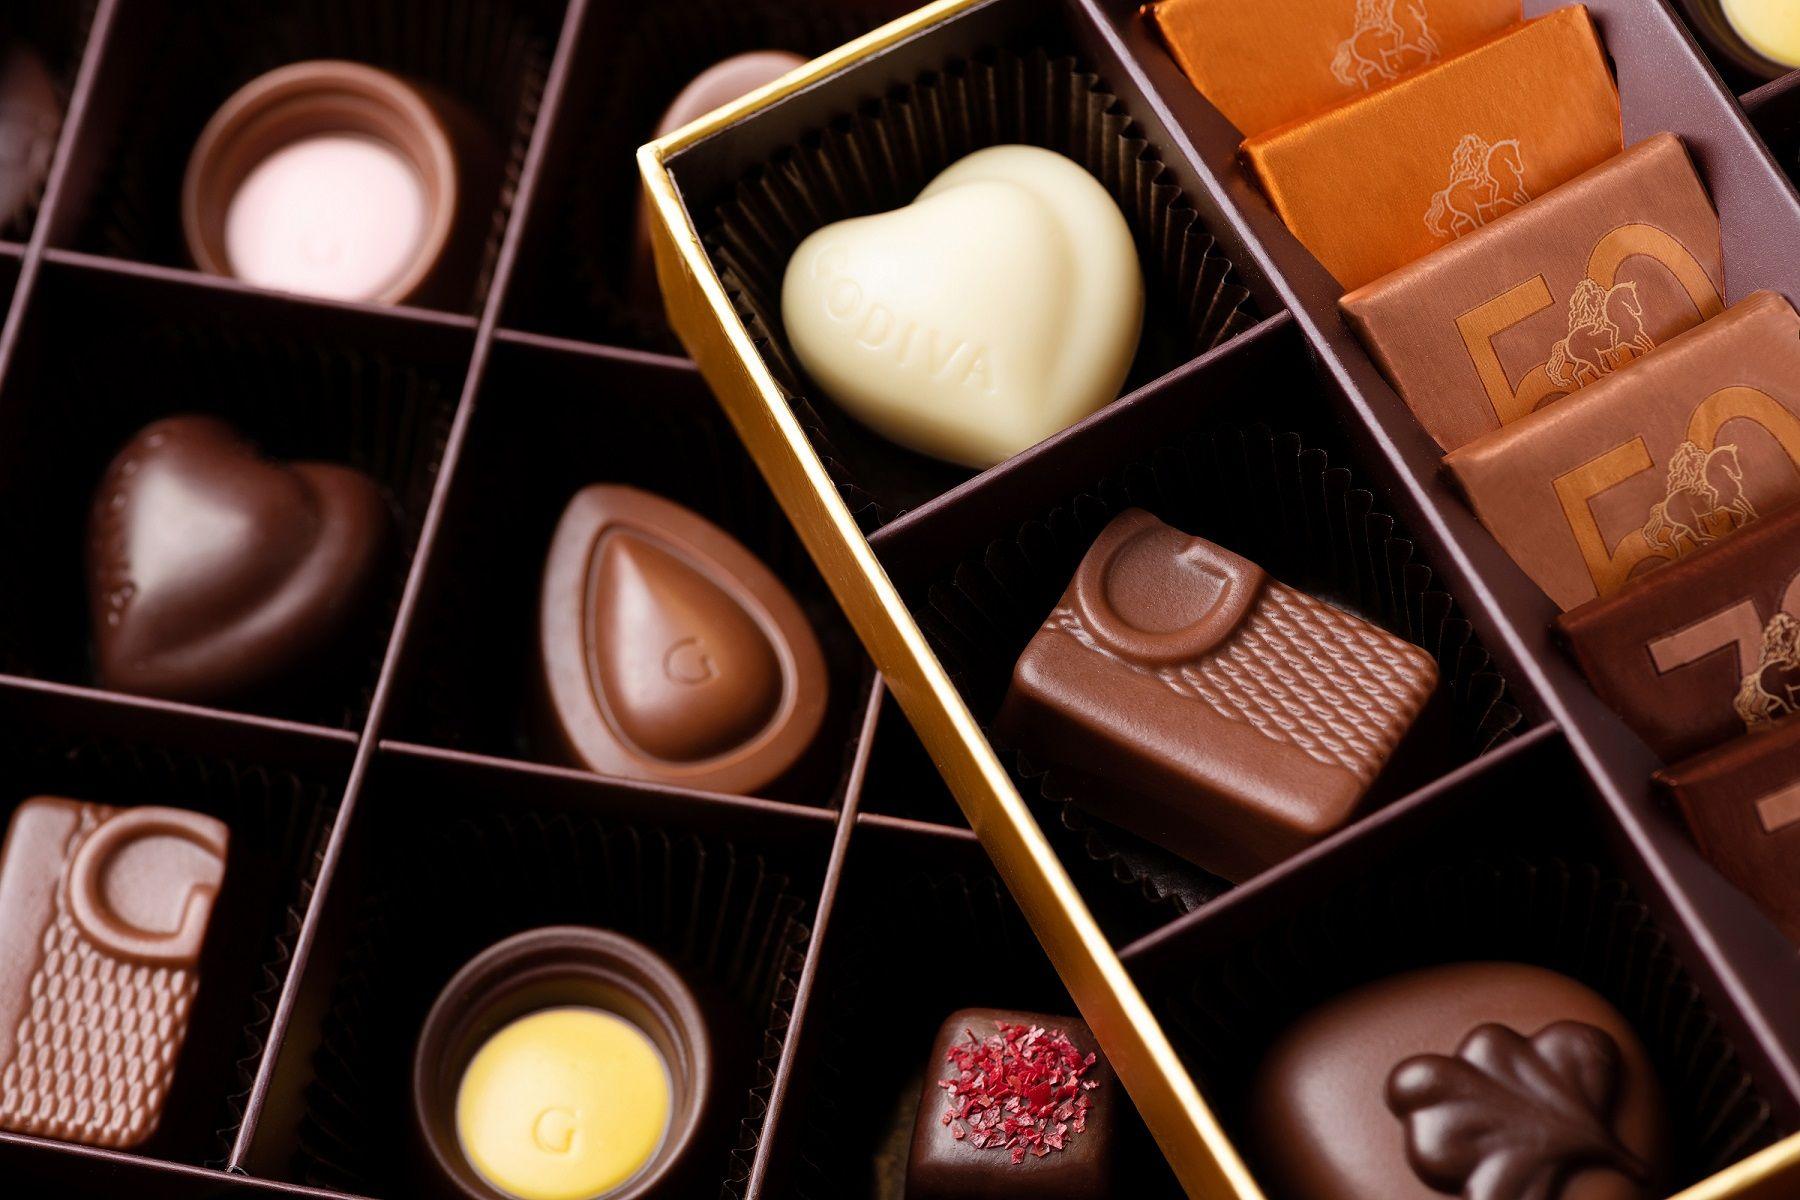 金莎必須改名?明年巧克力品名推新制,想叫巧克力不達「這標準」不給過!